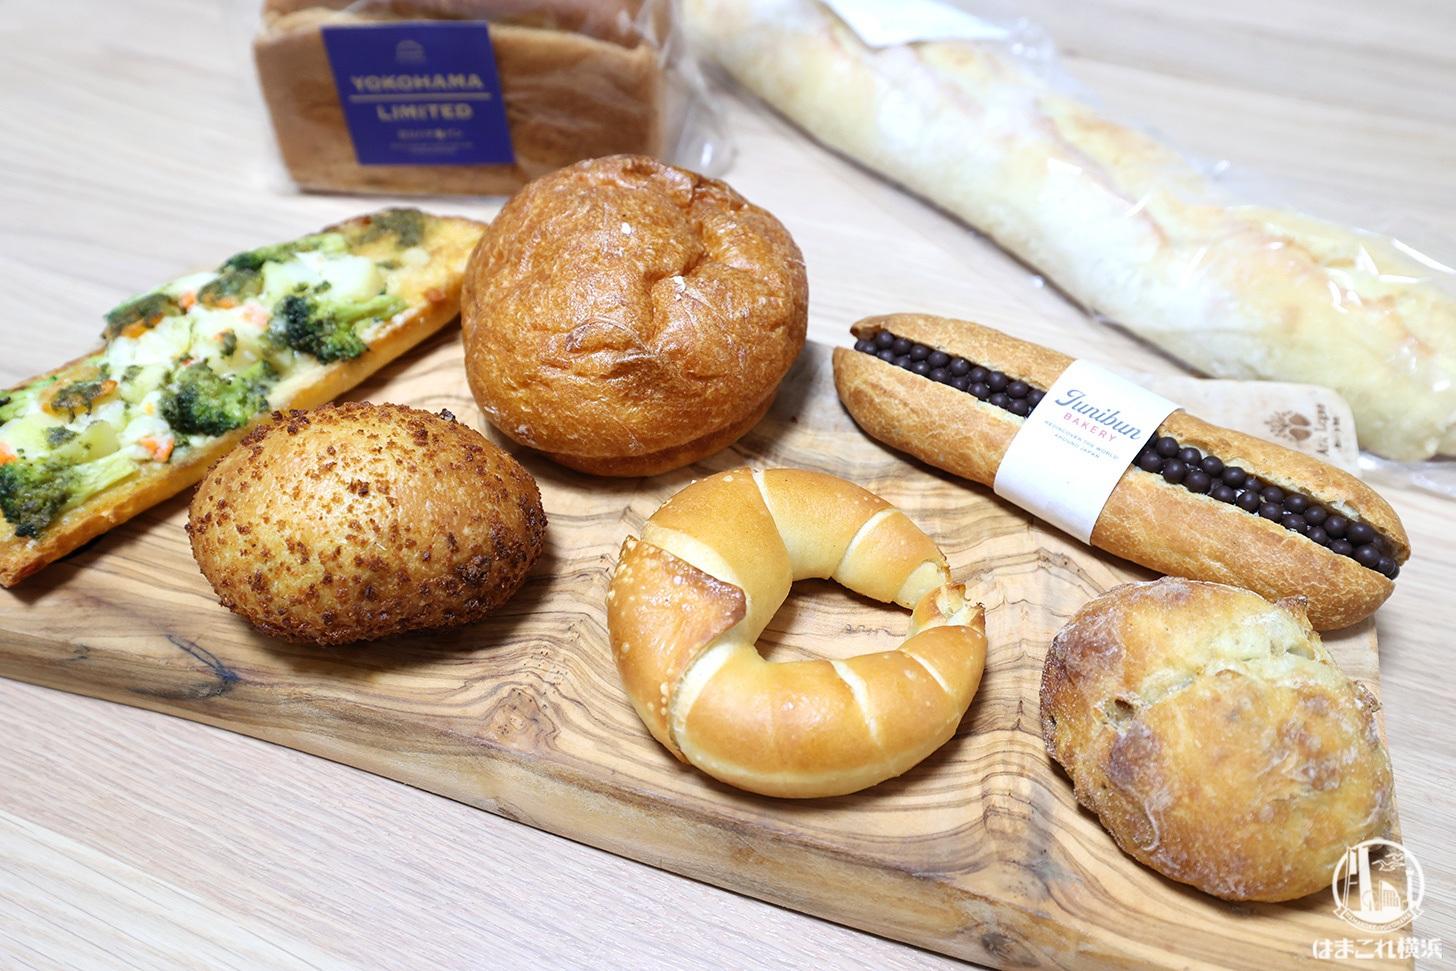 購入したパン